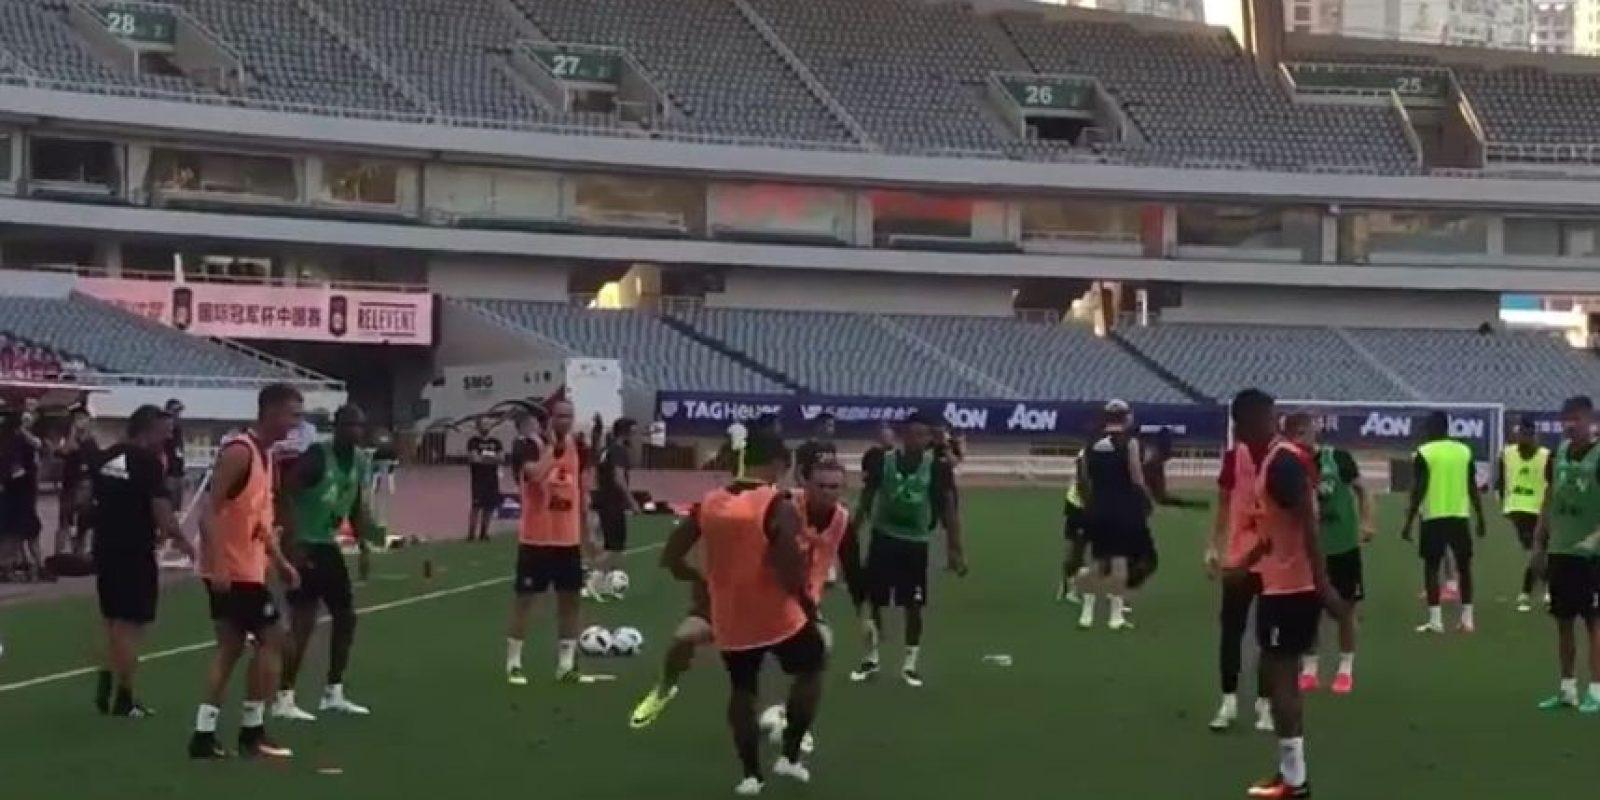 Wayne Rooney no pudo evitar el caño en el entrenamiento de Manchester United Foto:Captura de pantalla